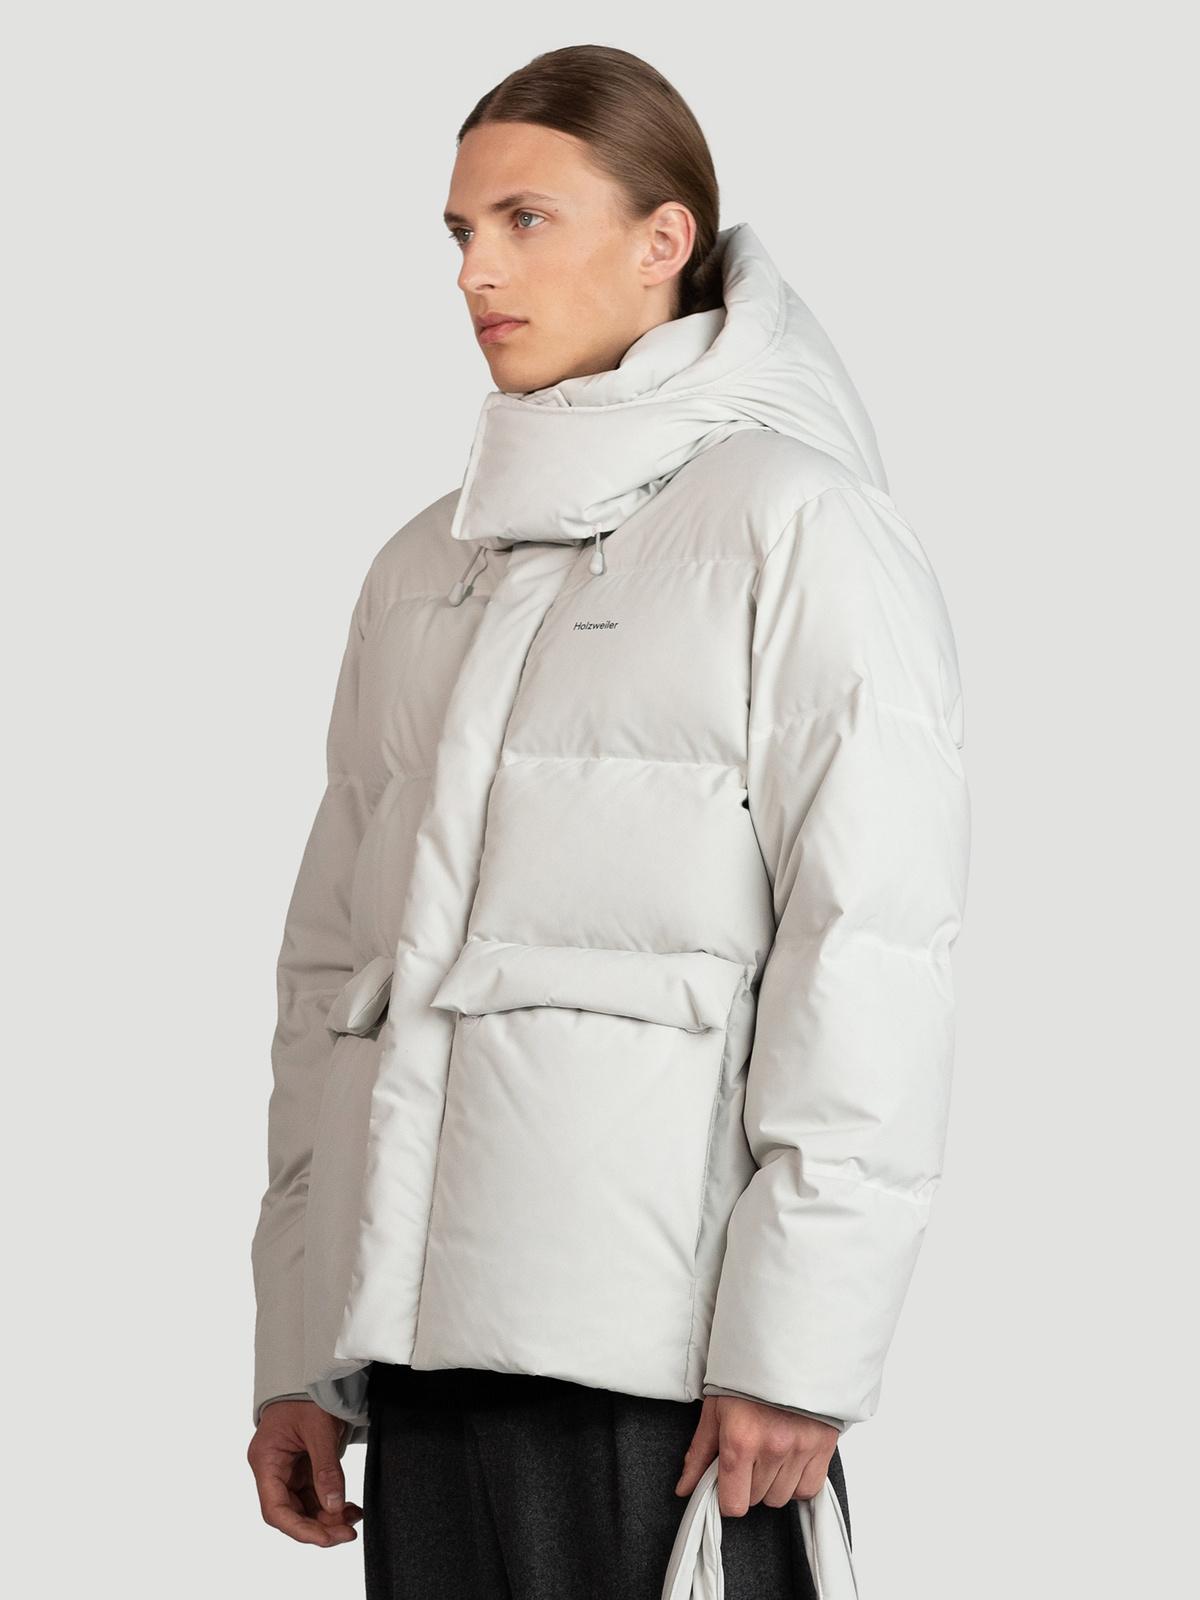 Dovre Down Jacket  Lt. Grey 3